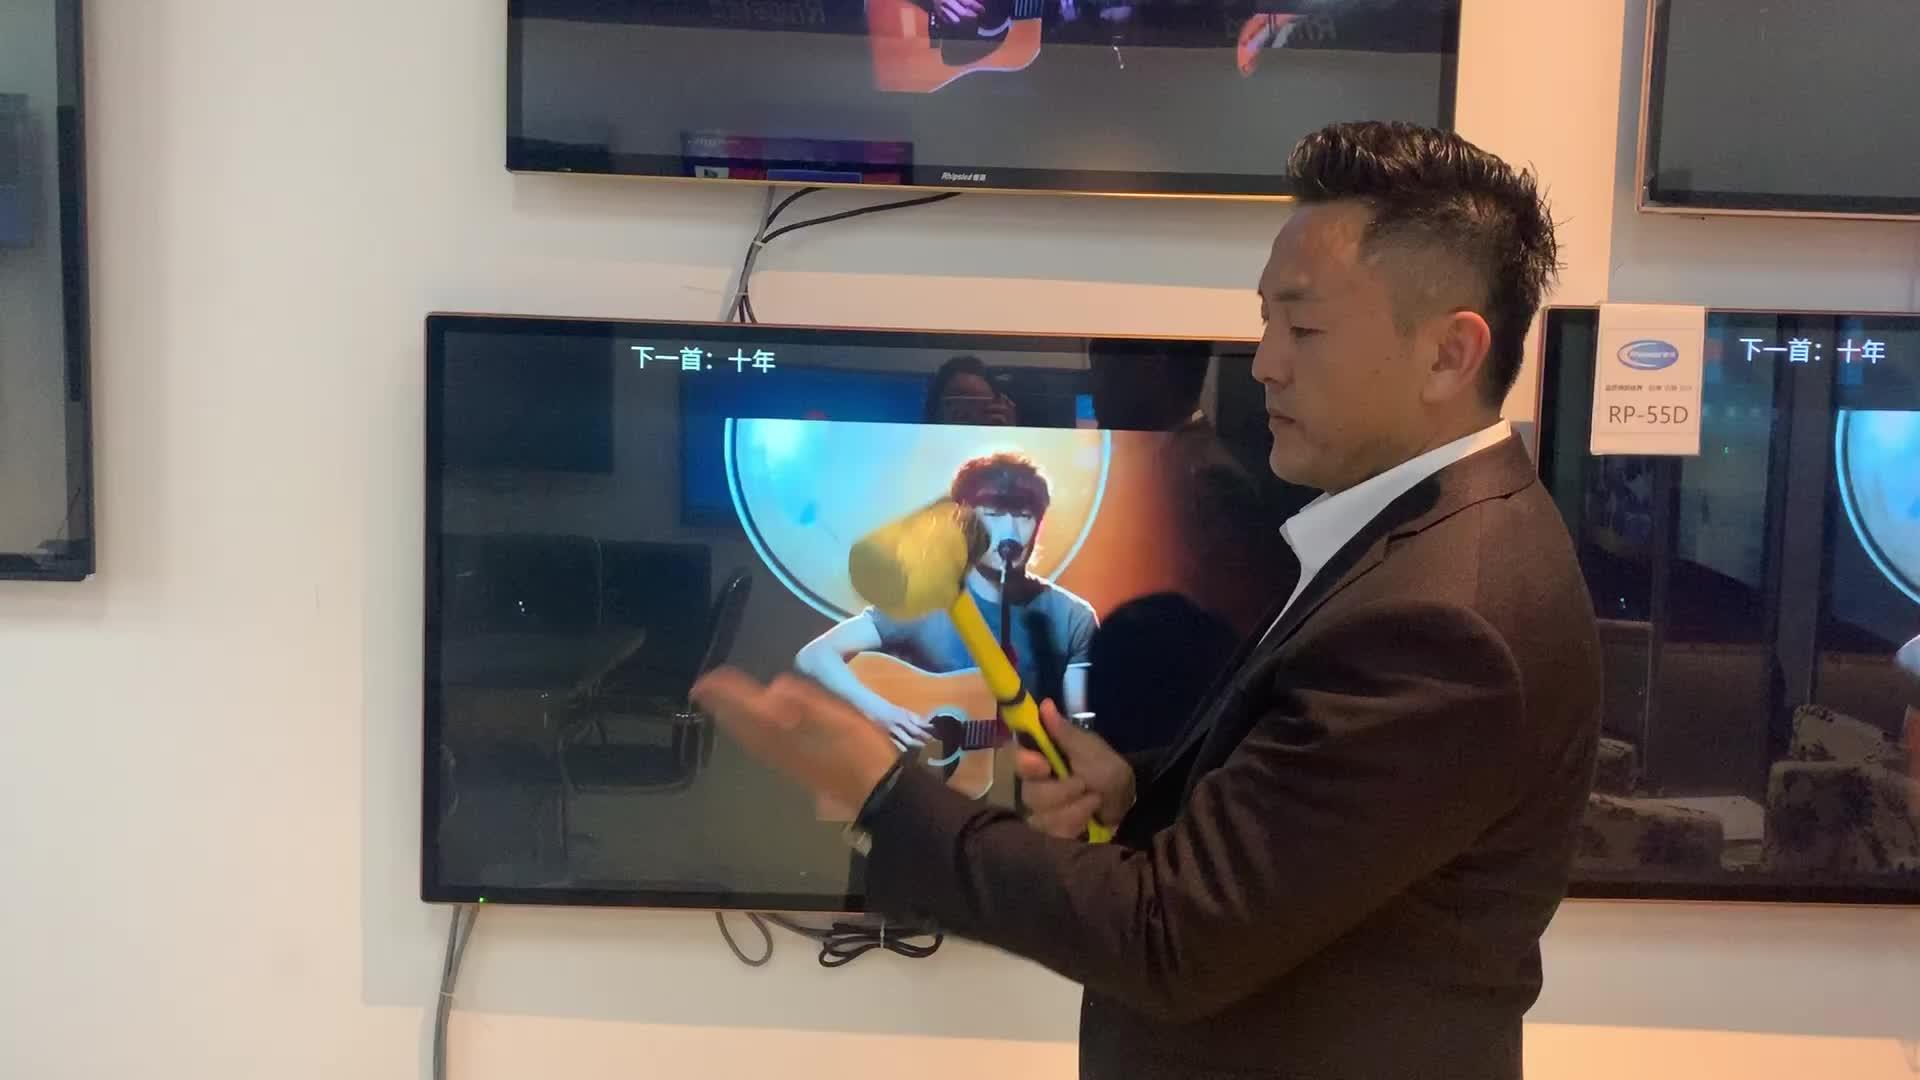 中国 led テレビスマートテレビ wifi と強化防爆フル hd テレビ広告テレビ 4 18k スマートテレビ 32 インチ